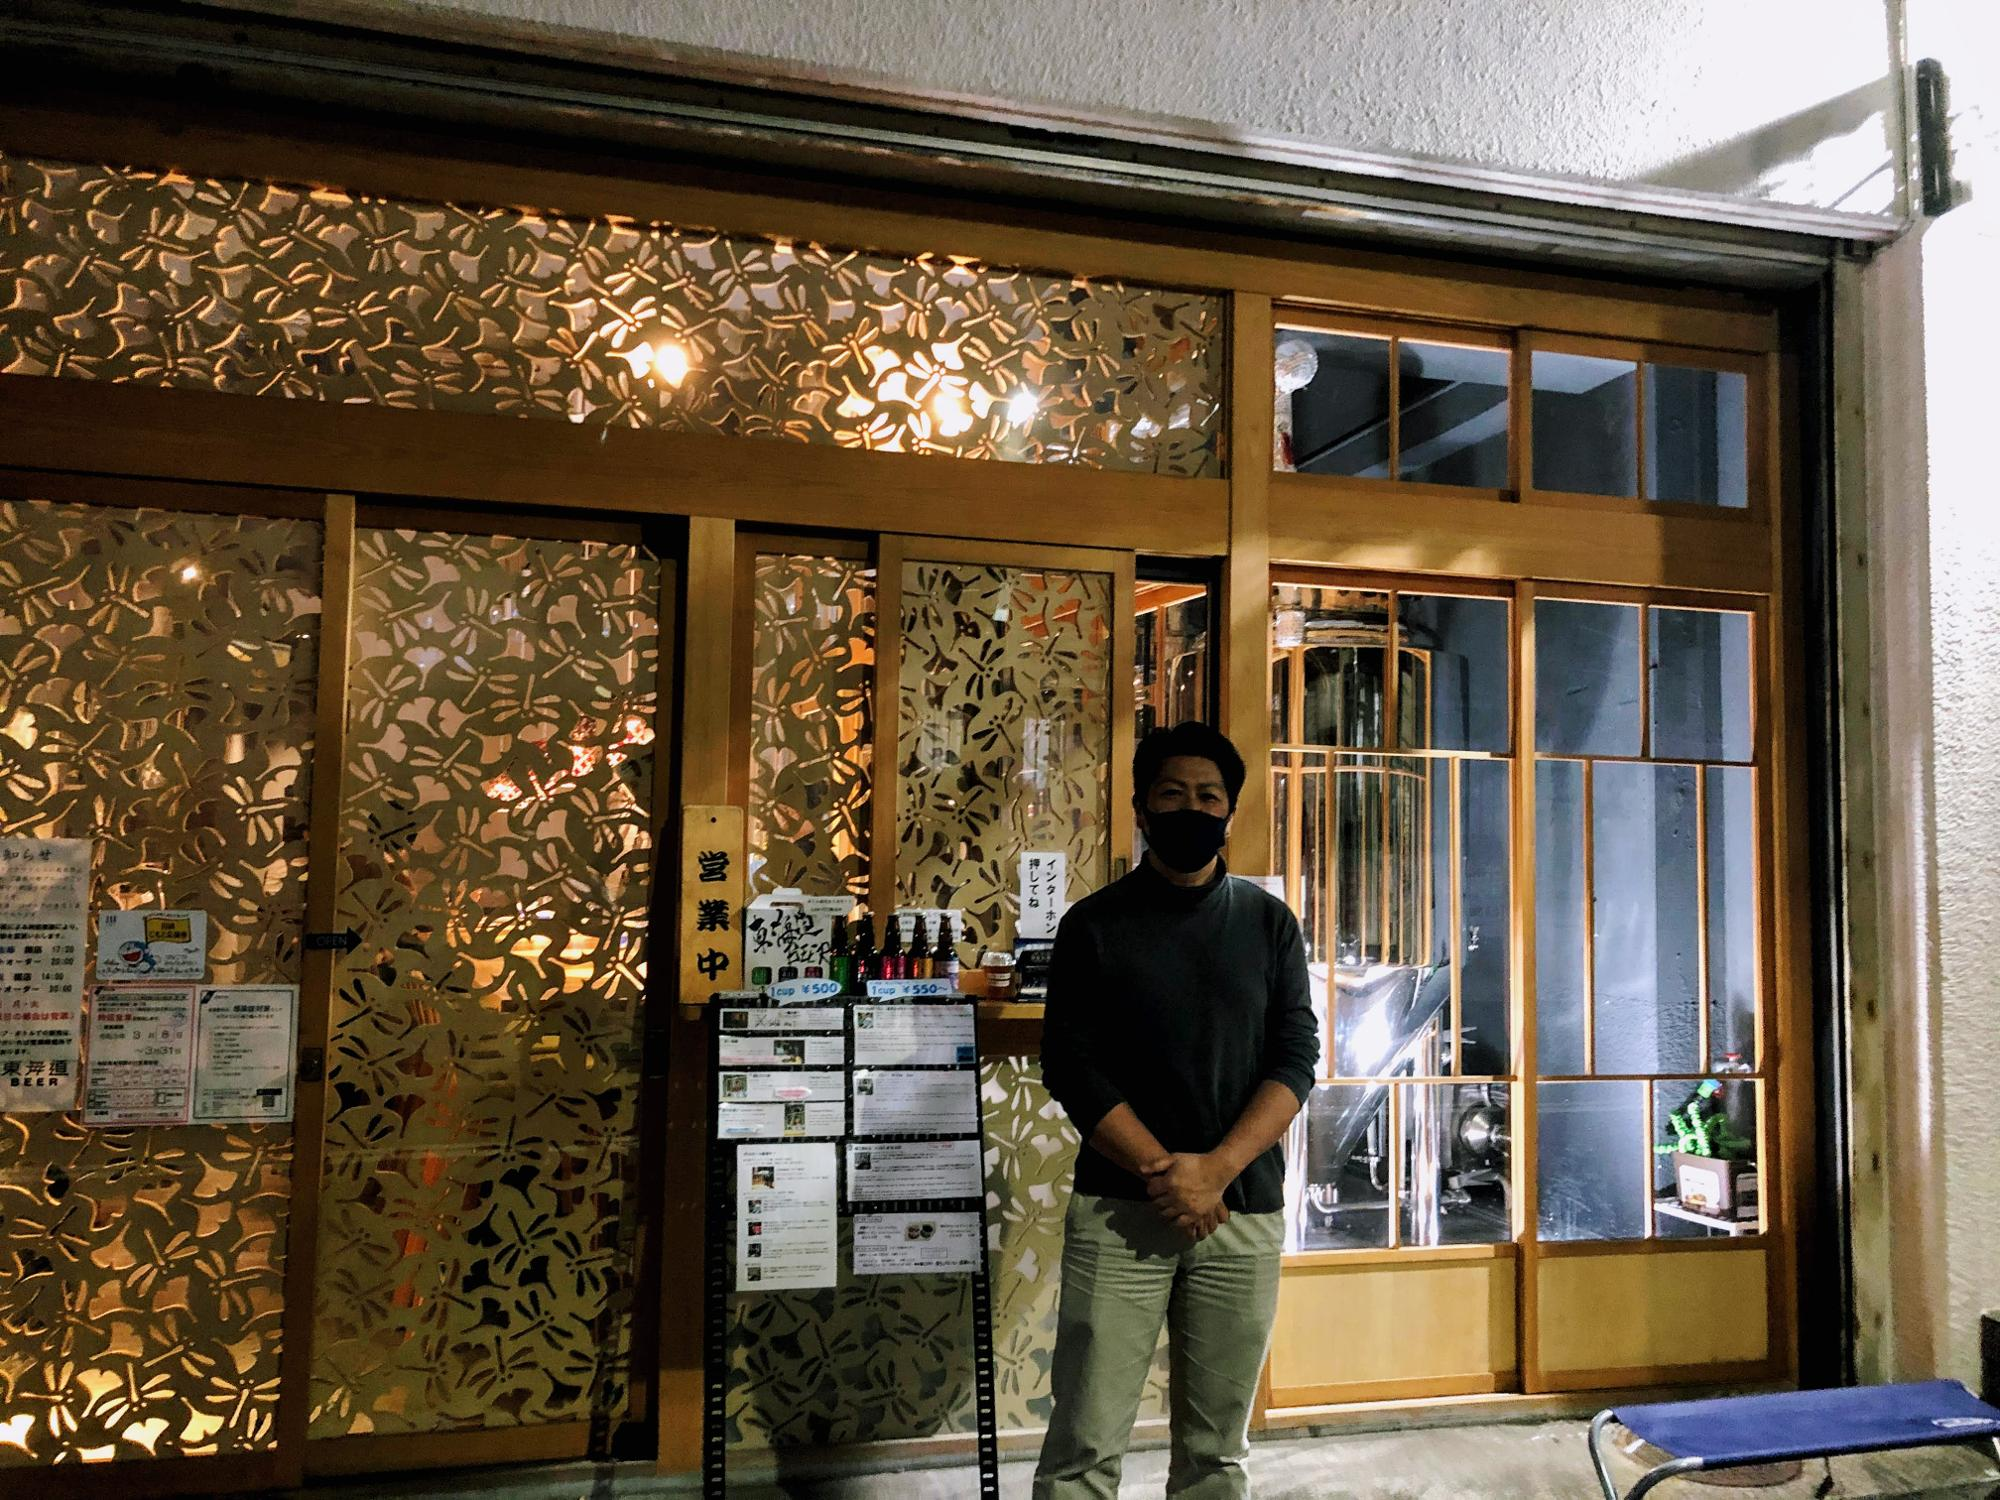 切子のような美しい東海道BEERのファサードは、オーナー岩澤さんの家業である硝子から想起されたデザインでもある